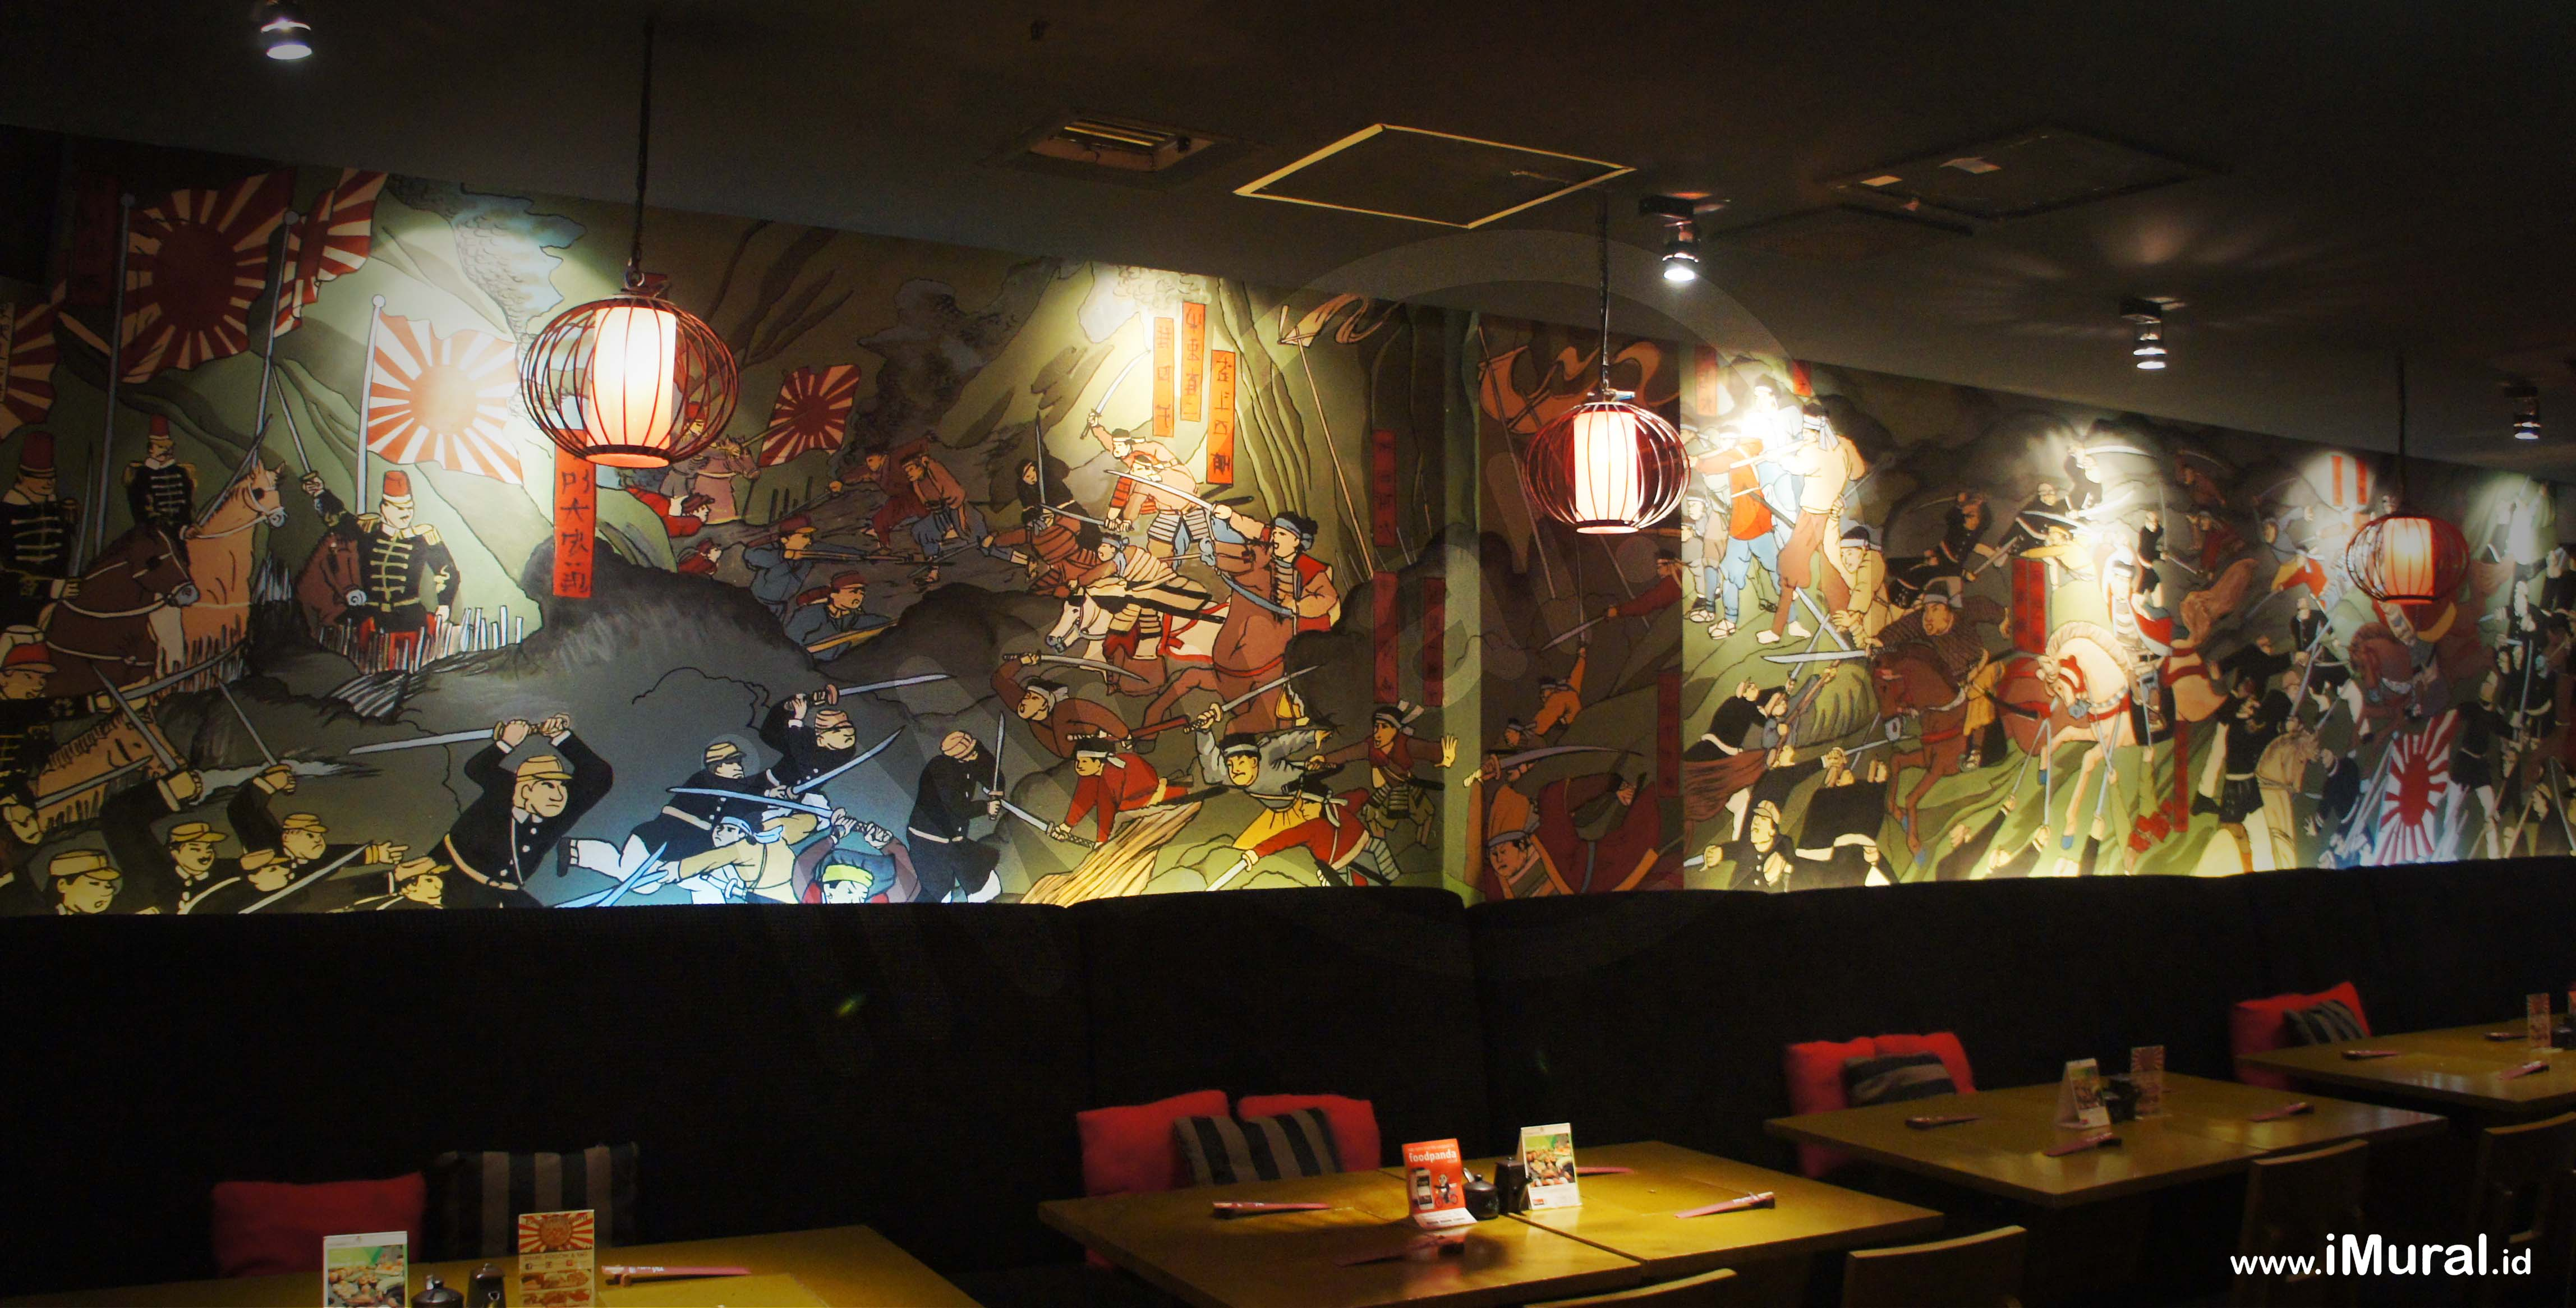 Mural at japanese restaurant indonesia mural jasa for Mural restaurant